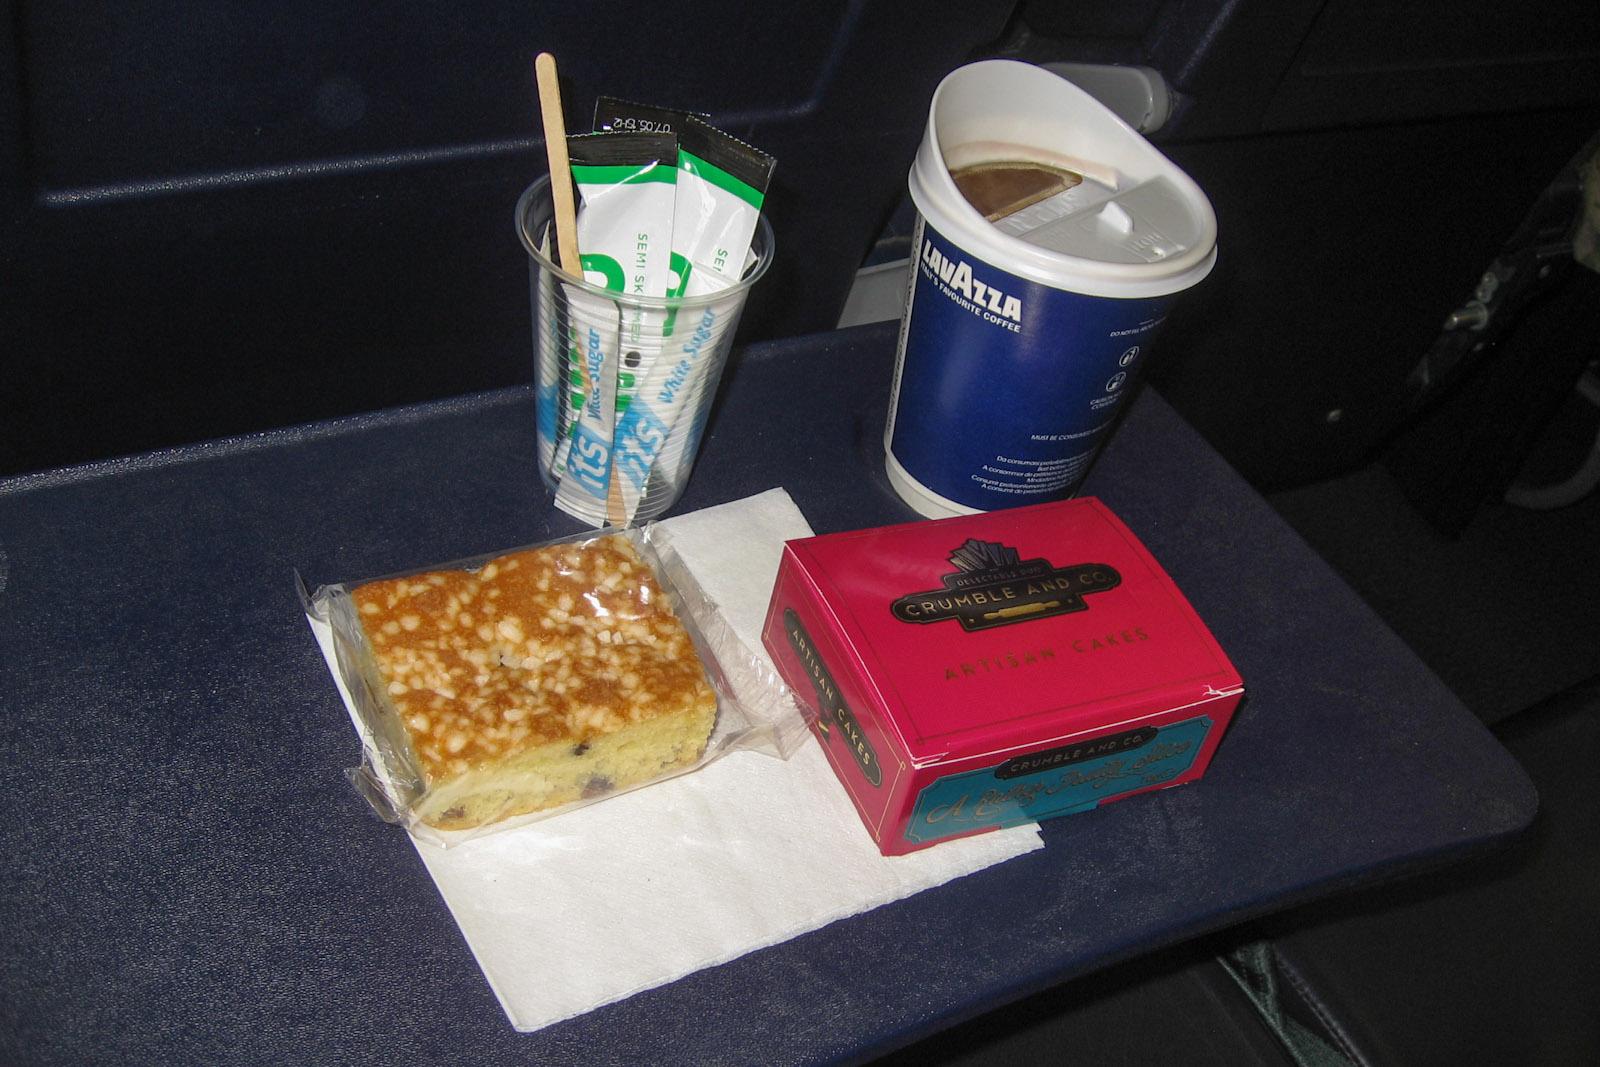 Кофе и кекс - платное питание на рейсе авиакомпании Ryaniar